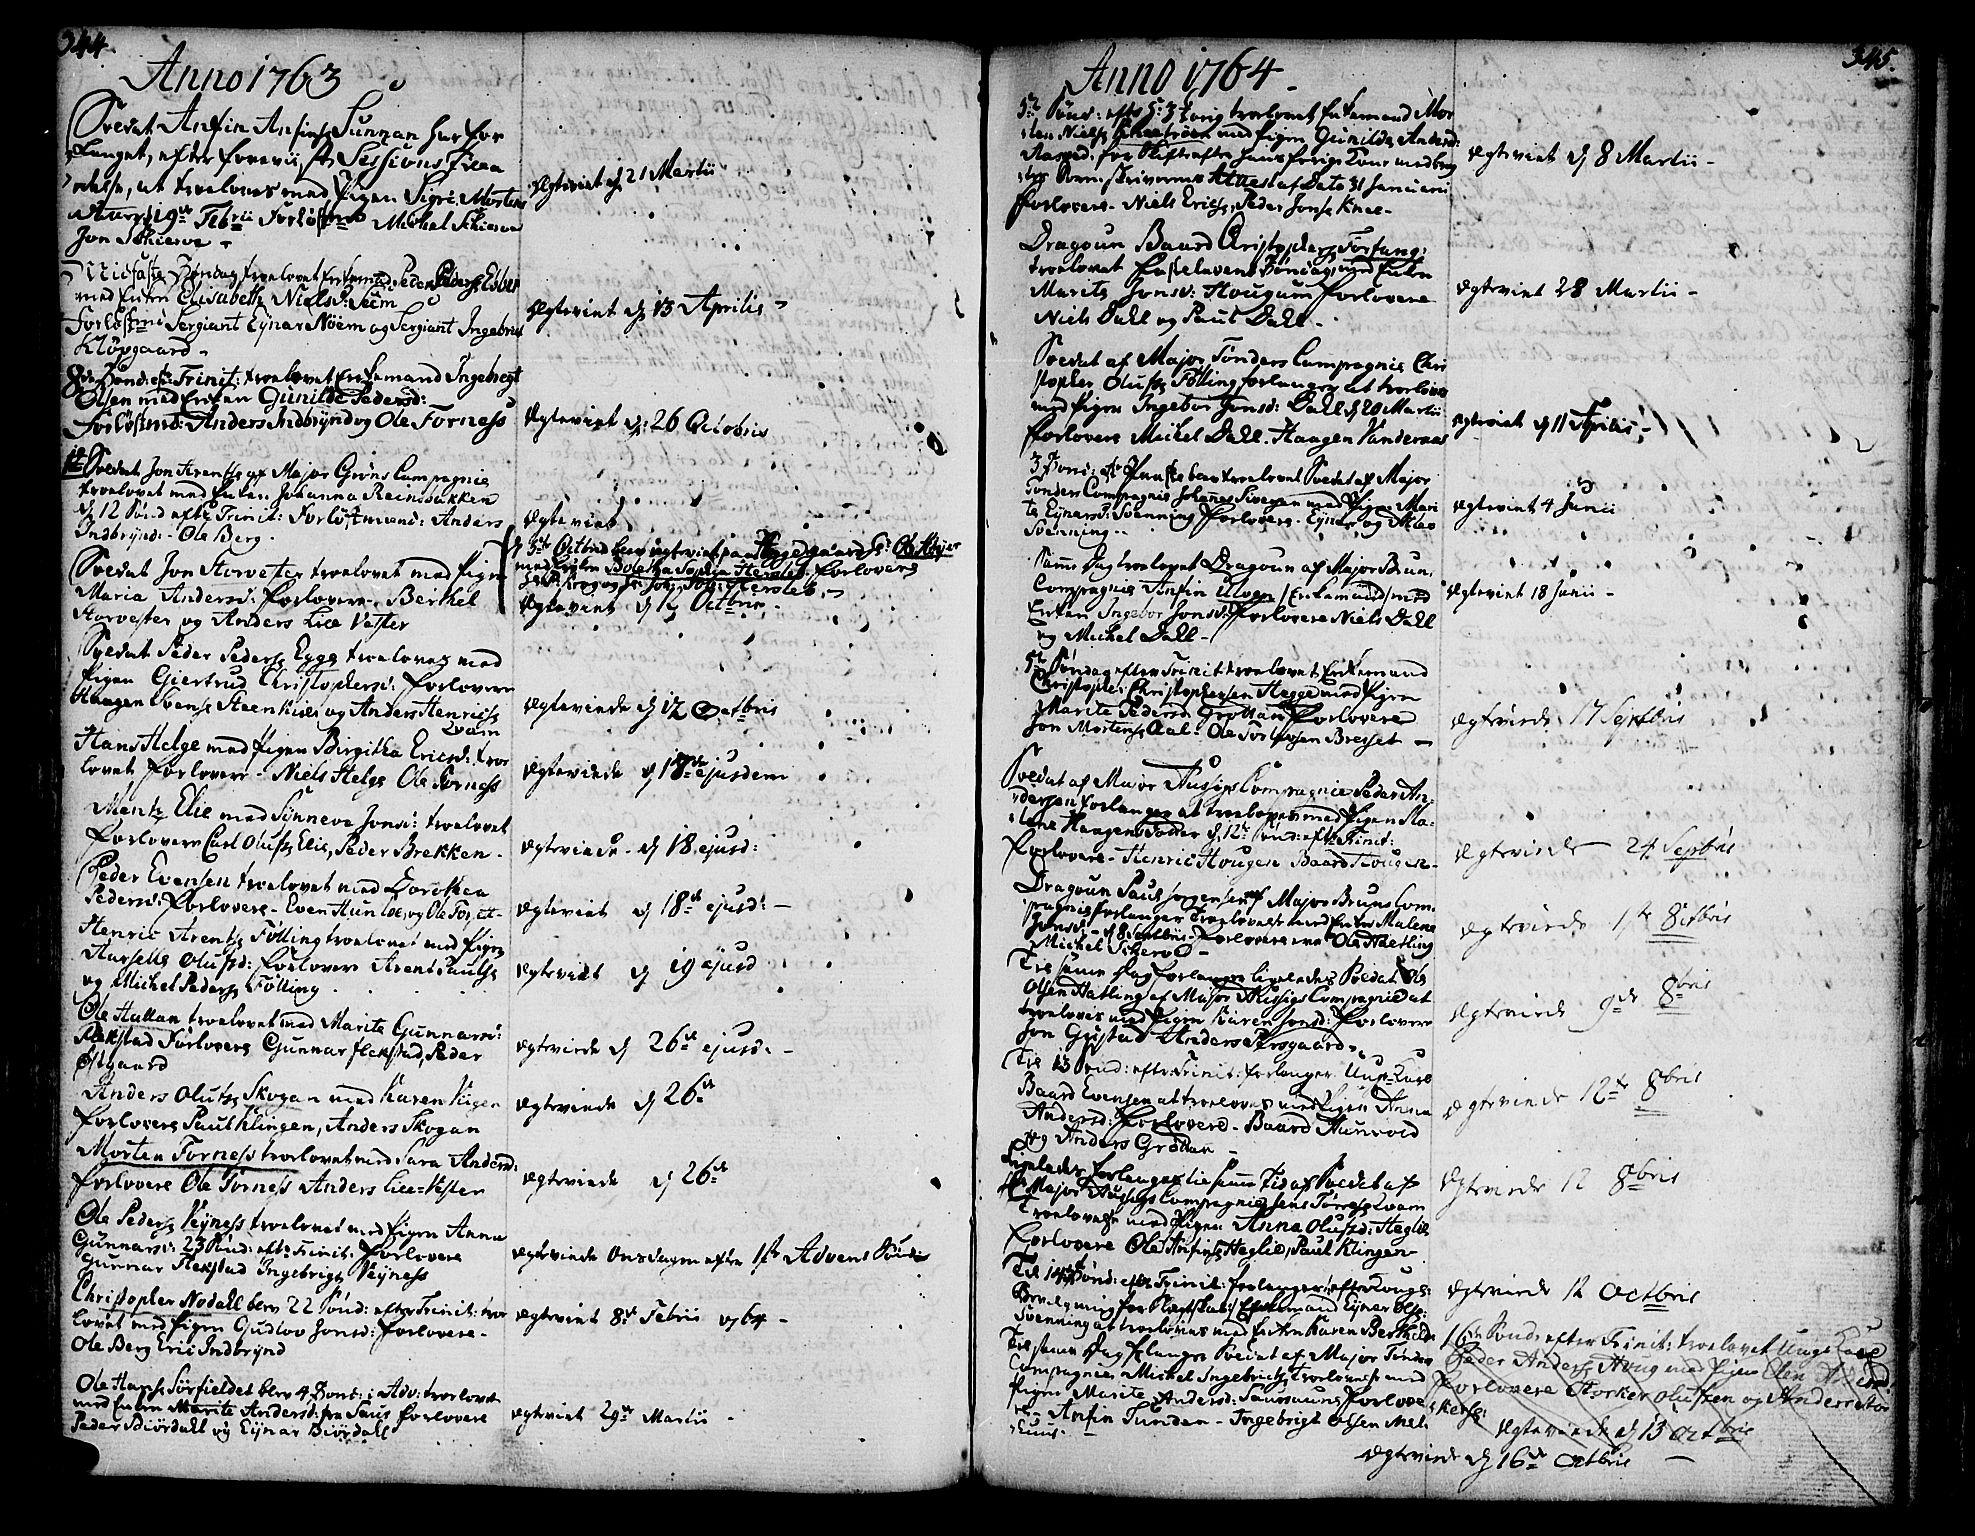 SAT, Ministerialprotokoller, klokkerbøker og fødselsregistre - Nord-Trøndelag, 746/L0440: Ministerialbok nr. 746A02, 1760-1815, s. 344-345